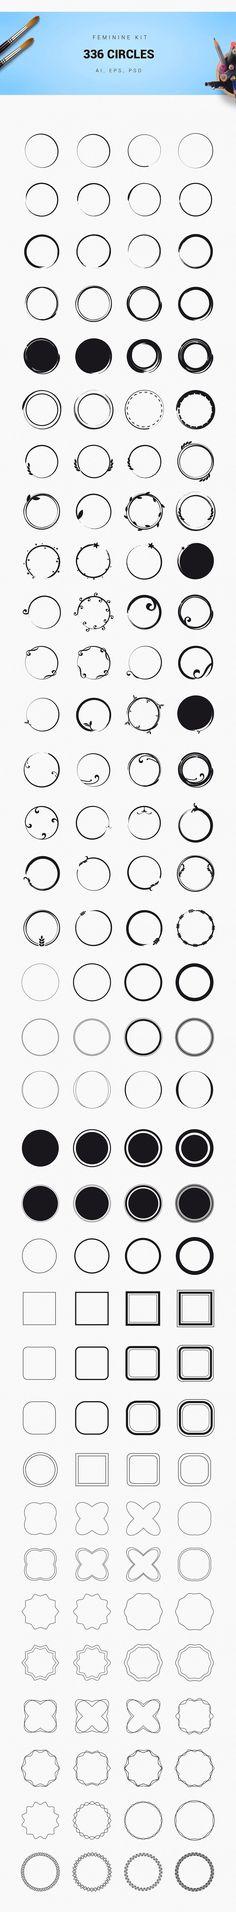 MEGA BUNDLE 1100 Logos & Badges by DesignDistrict on @creativemarket #ad